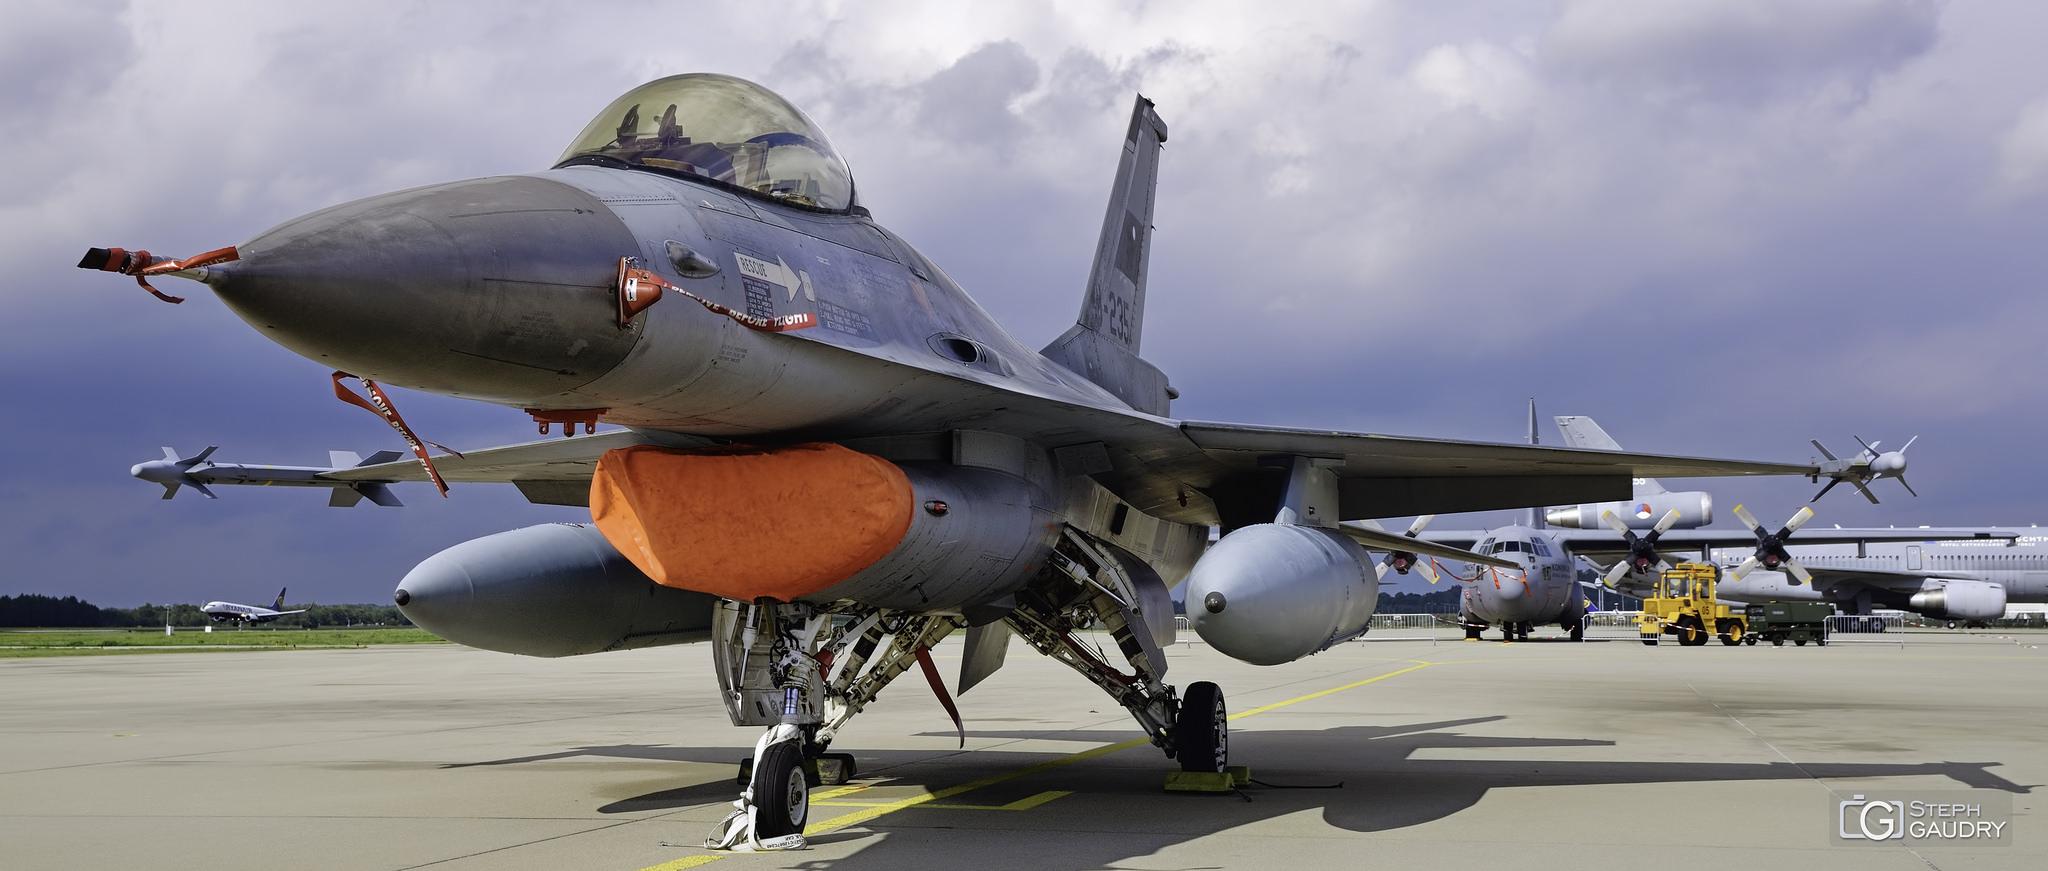 F-16 Fighting Falcon + C130 - KDC10 [Klik om de diavoorstelling te starten]